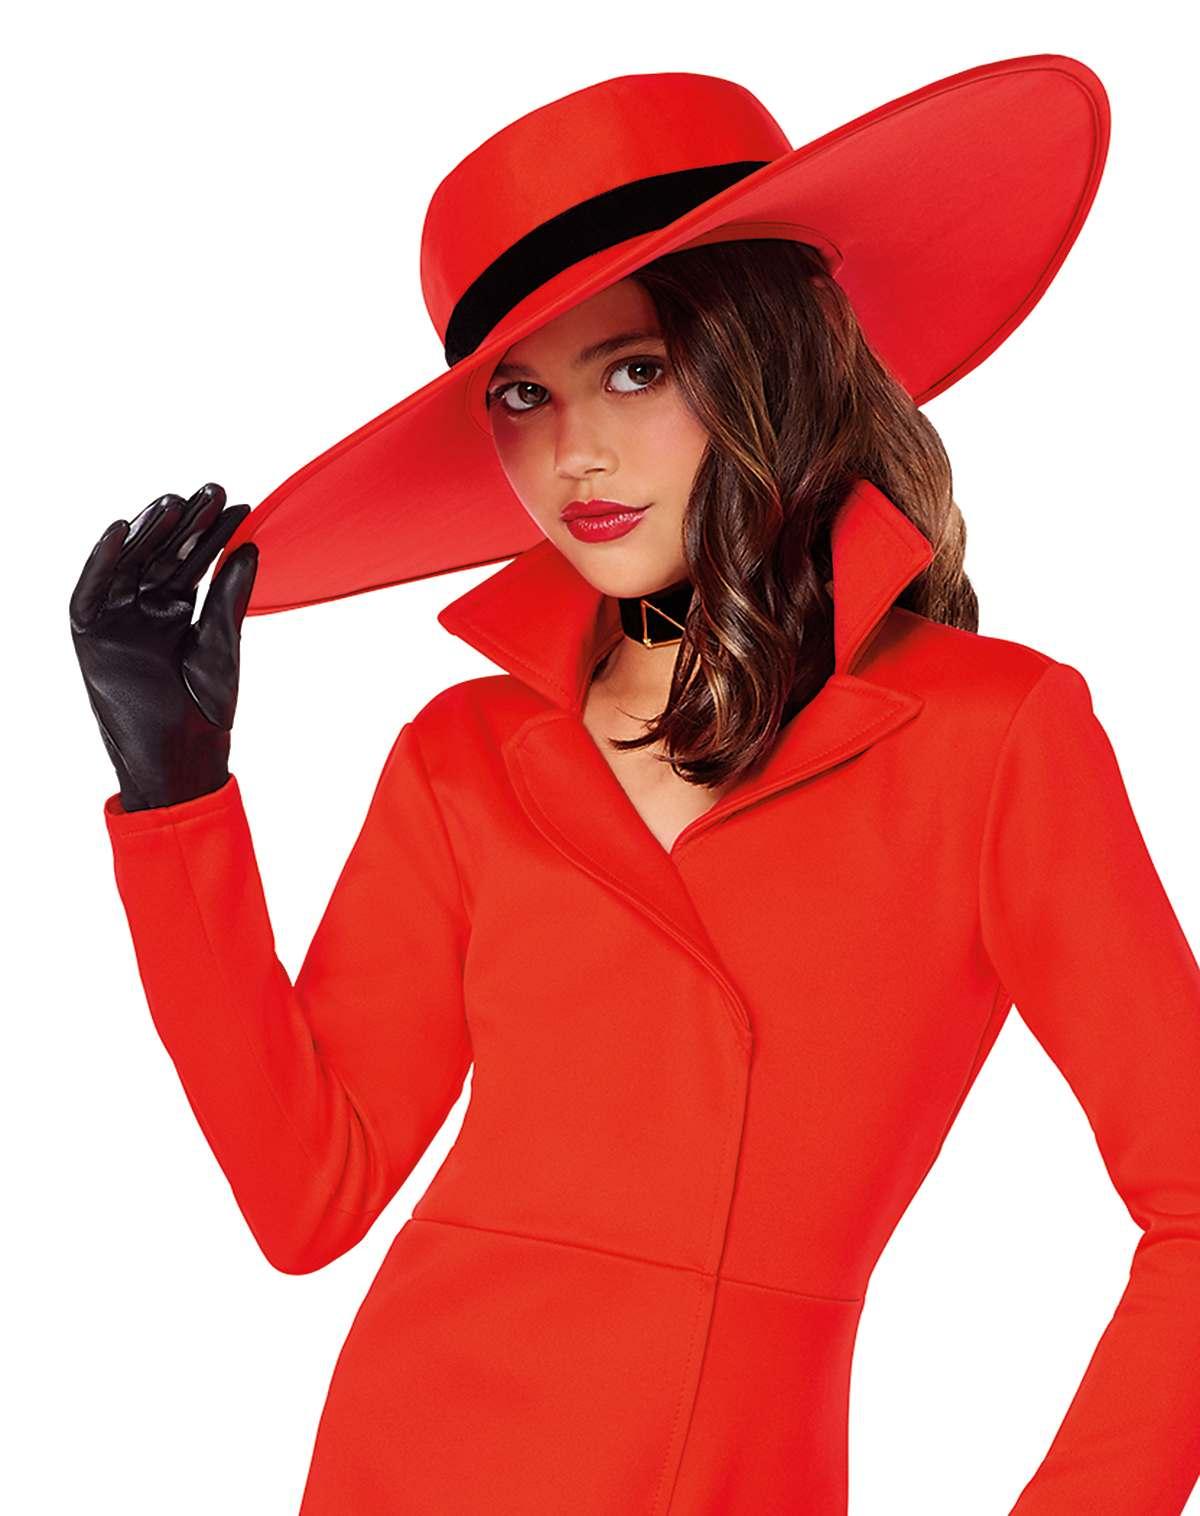 kids Carmen Sandiego costume